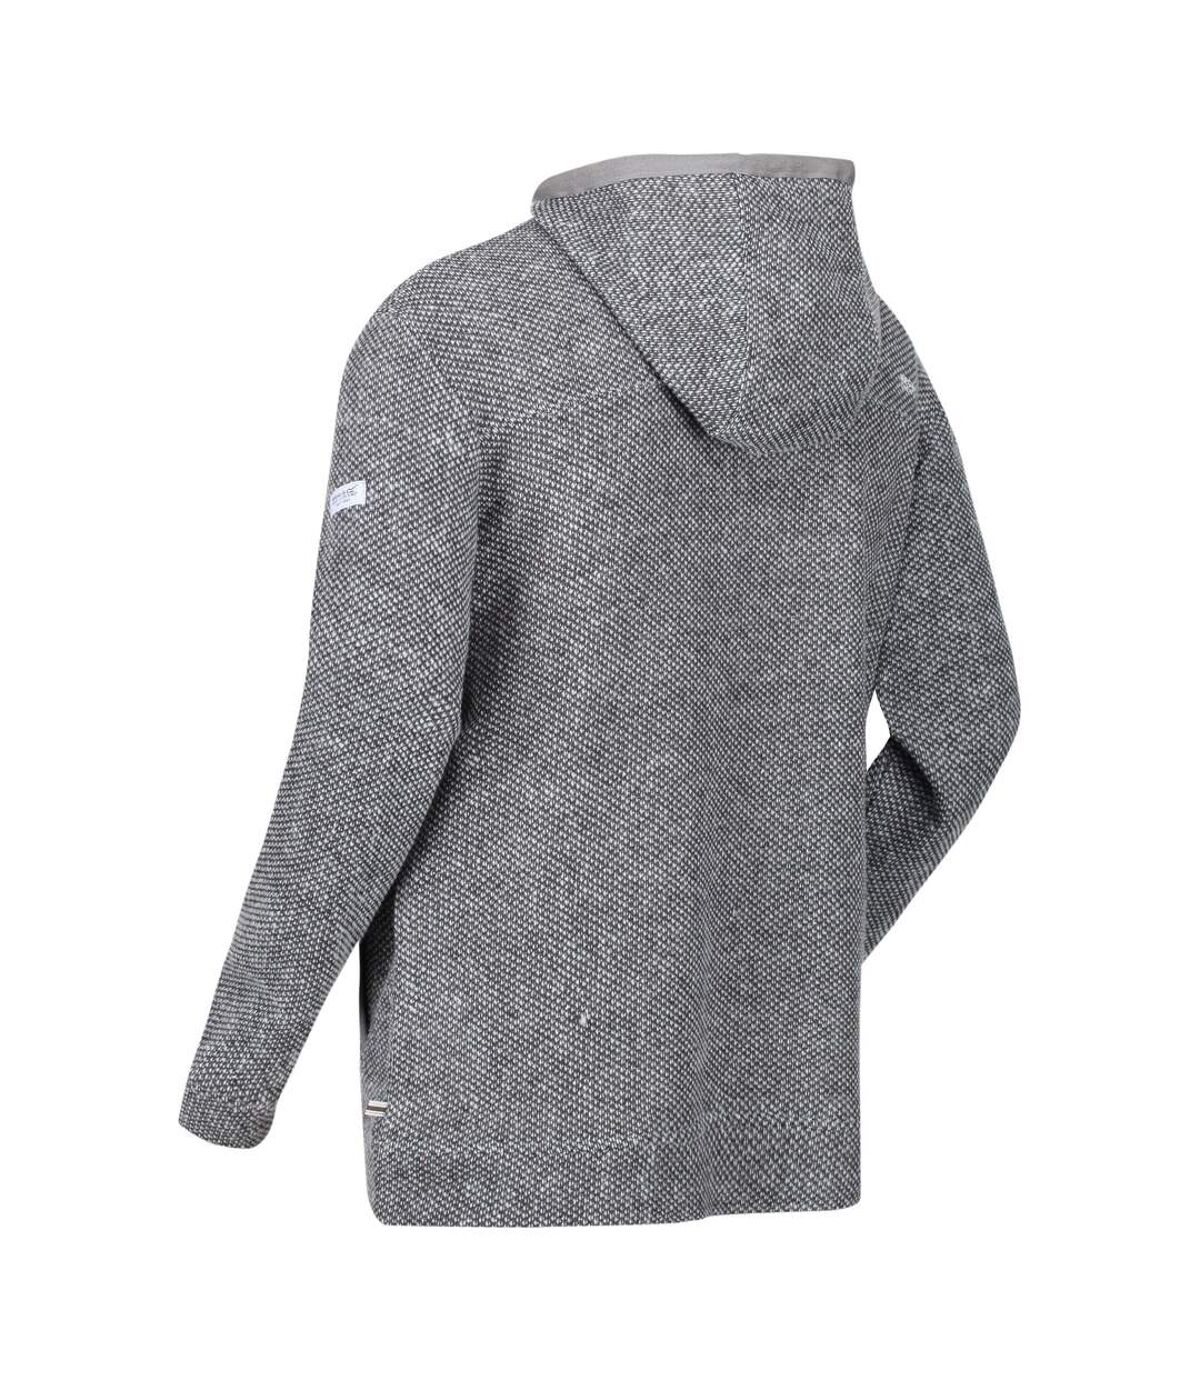 Regatta - Veste polaire à capuche LASZLO - Homme (Gris) - UTRG4912